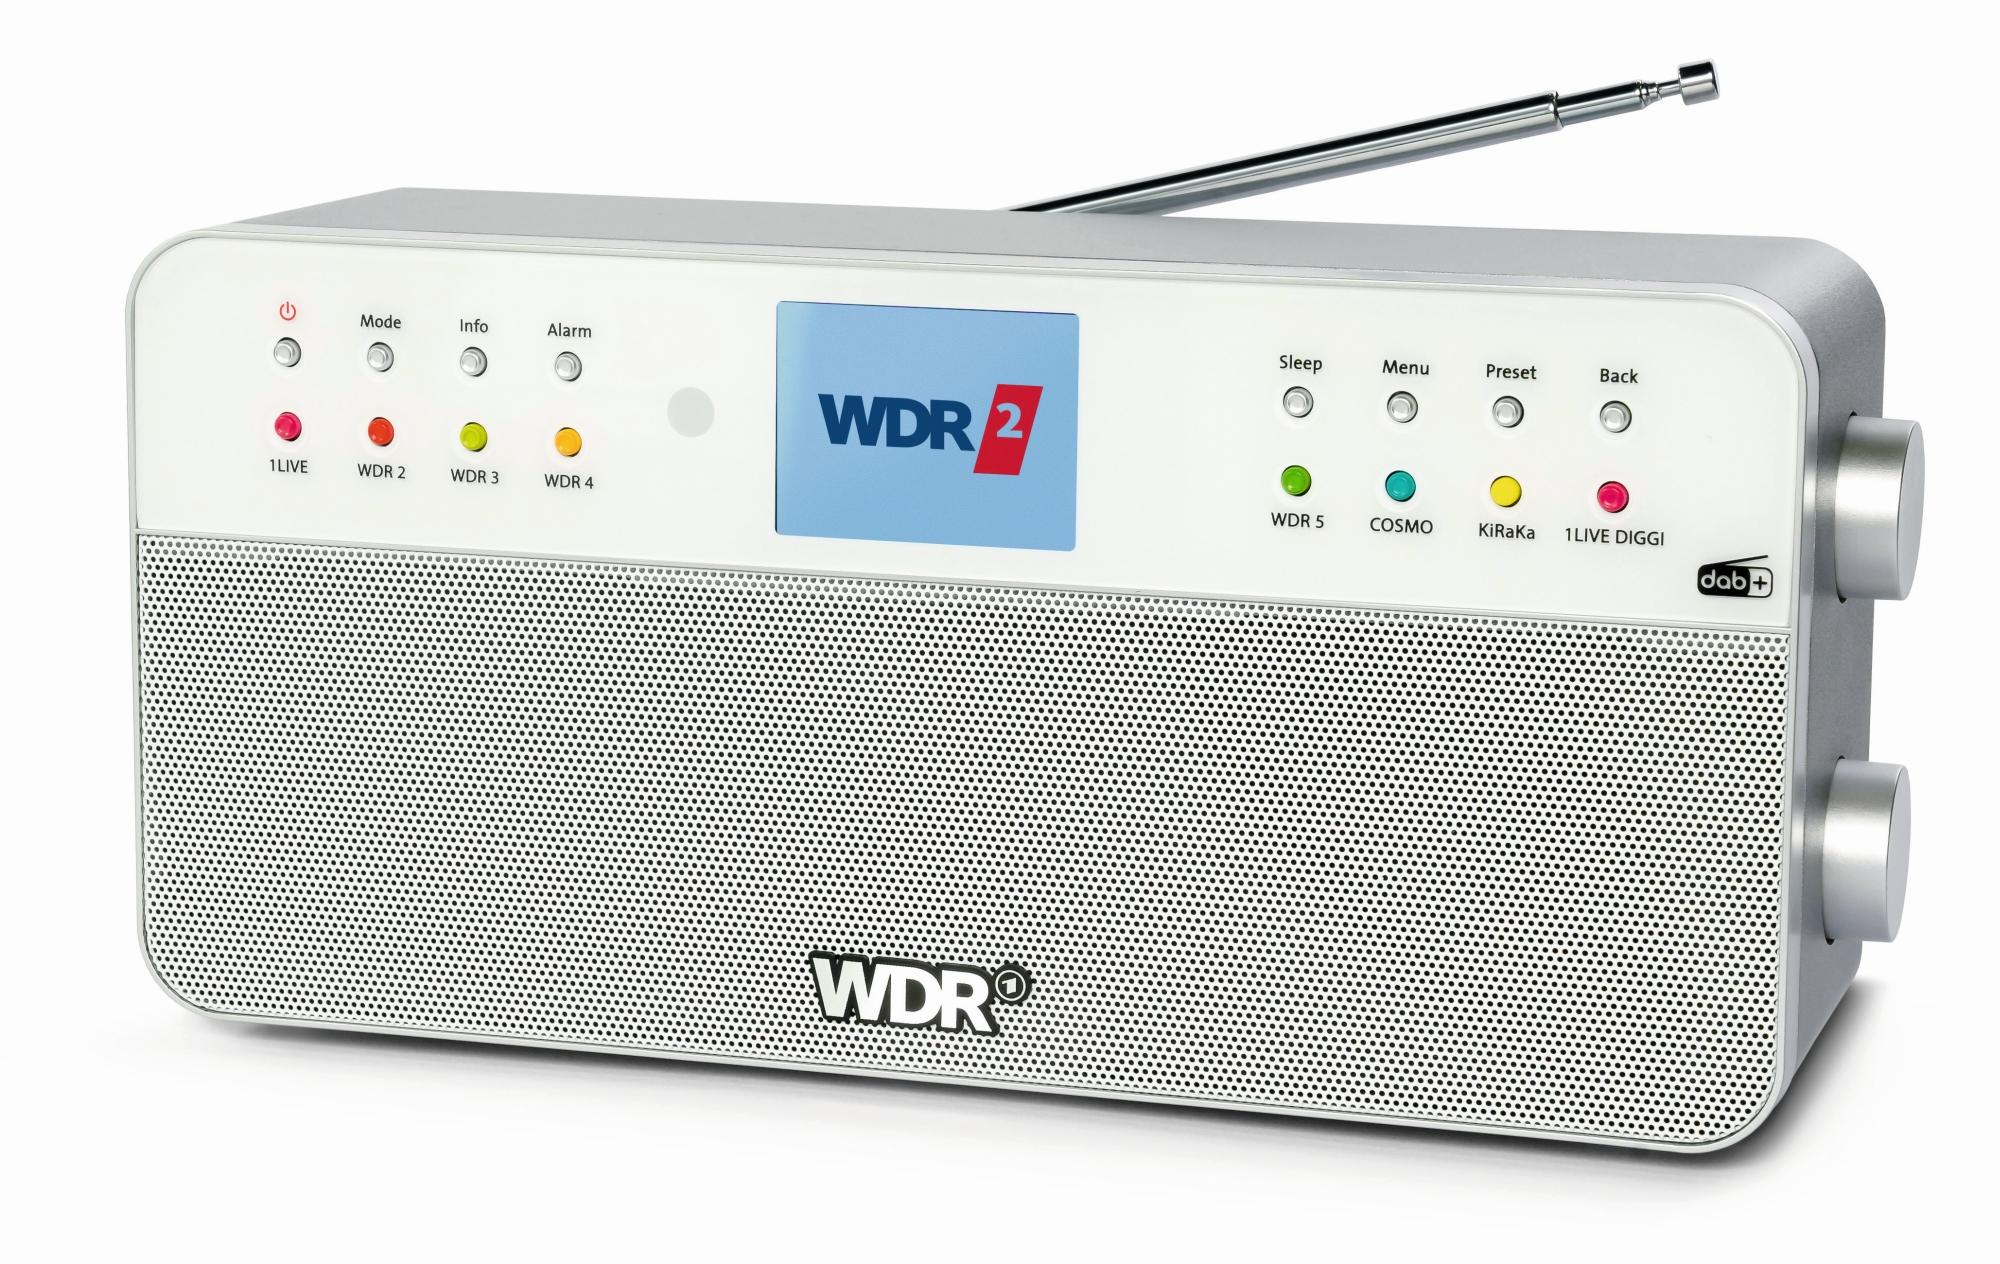 Wdrradio